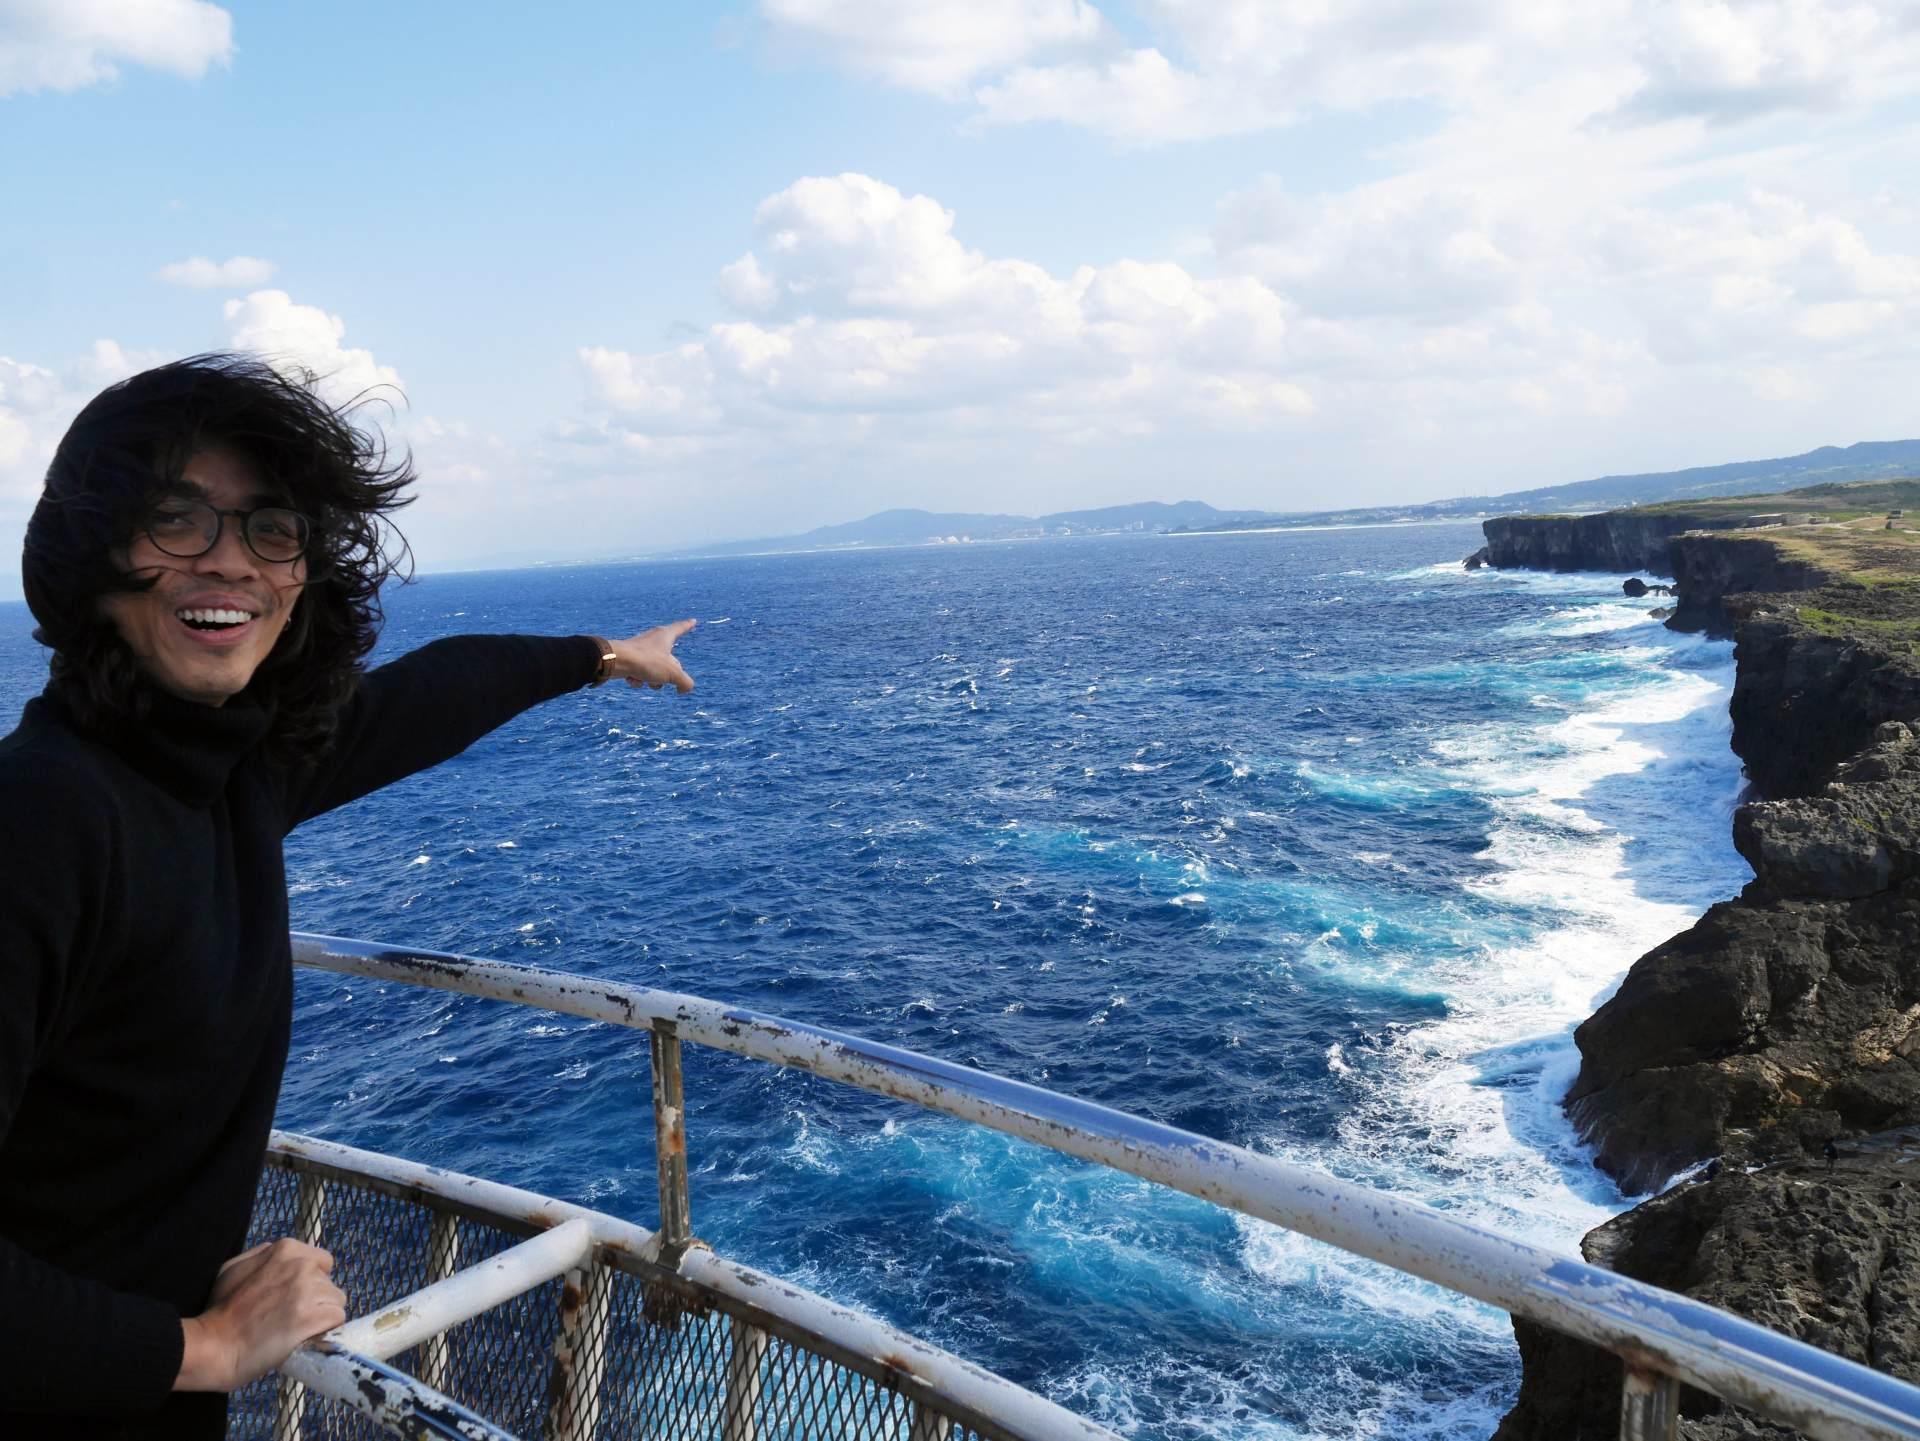 從燈塔可以俯視氣勢磅礡的斷崖絕壁